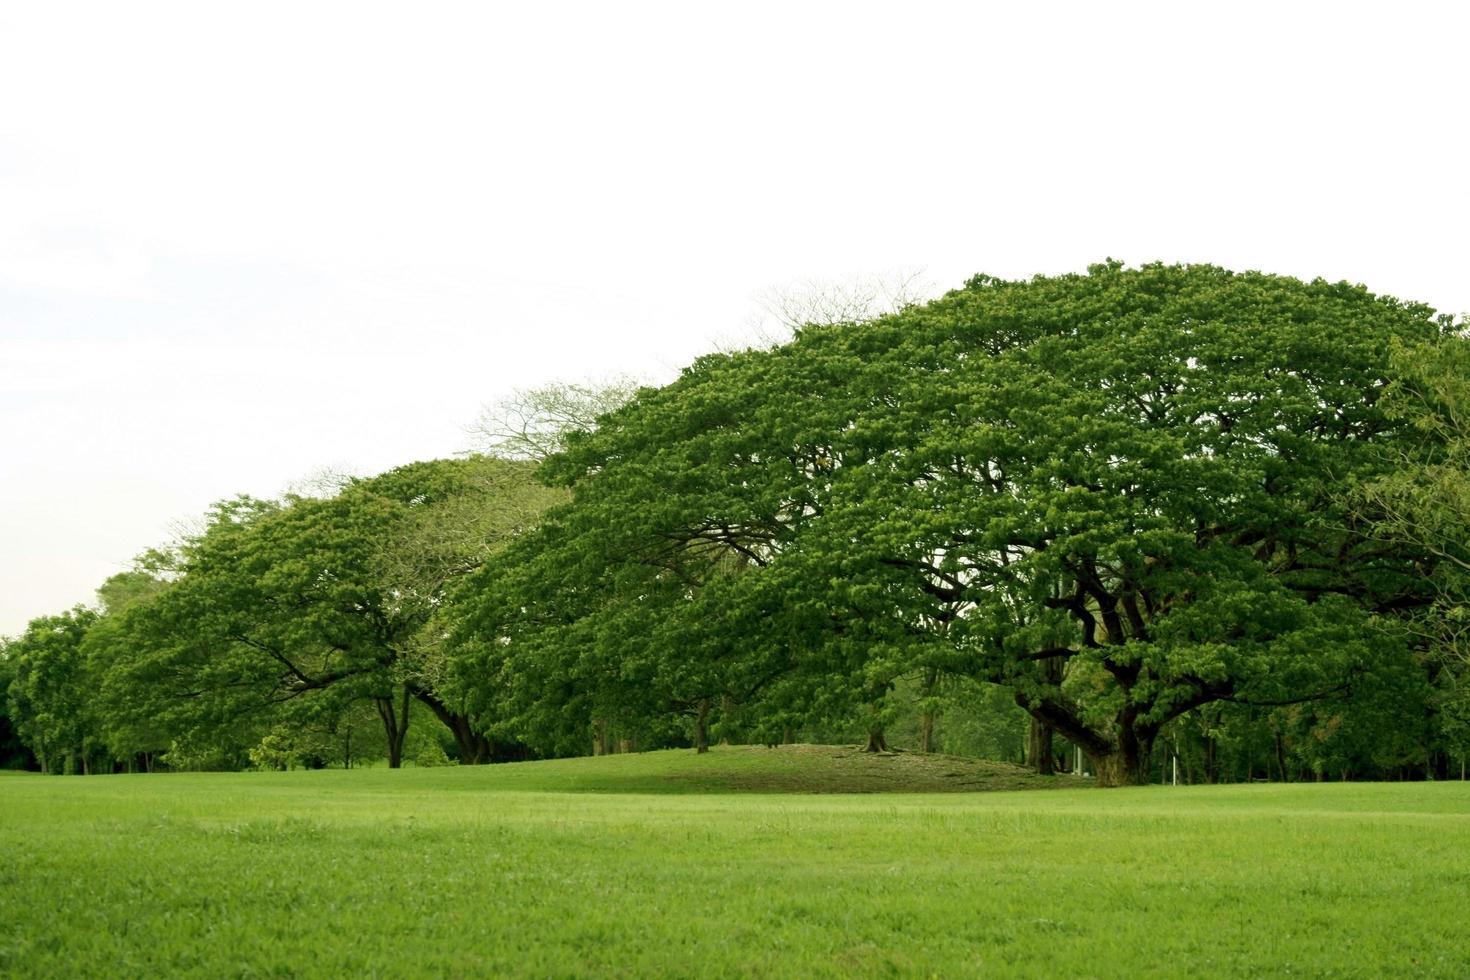 arbres verts et herbe à l'extérieur photo